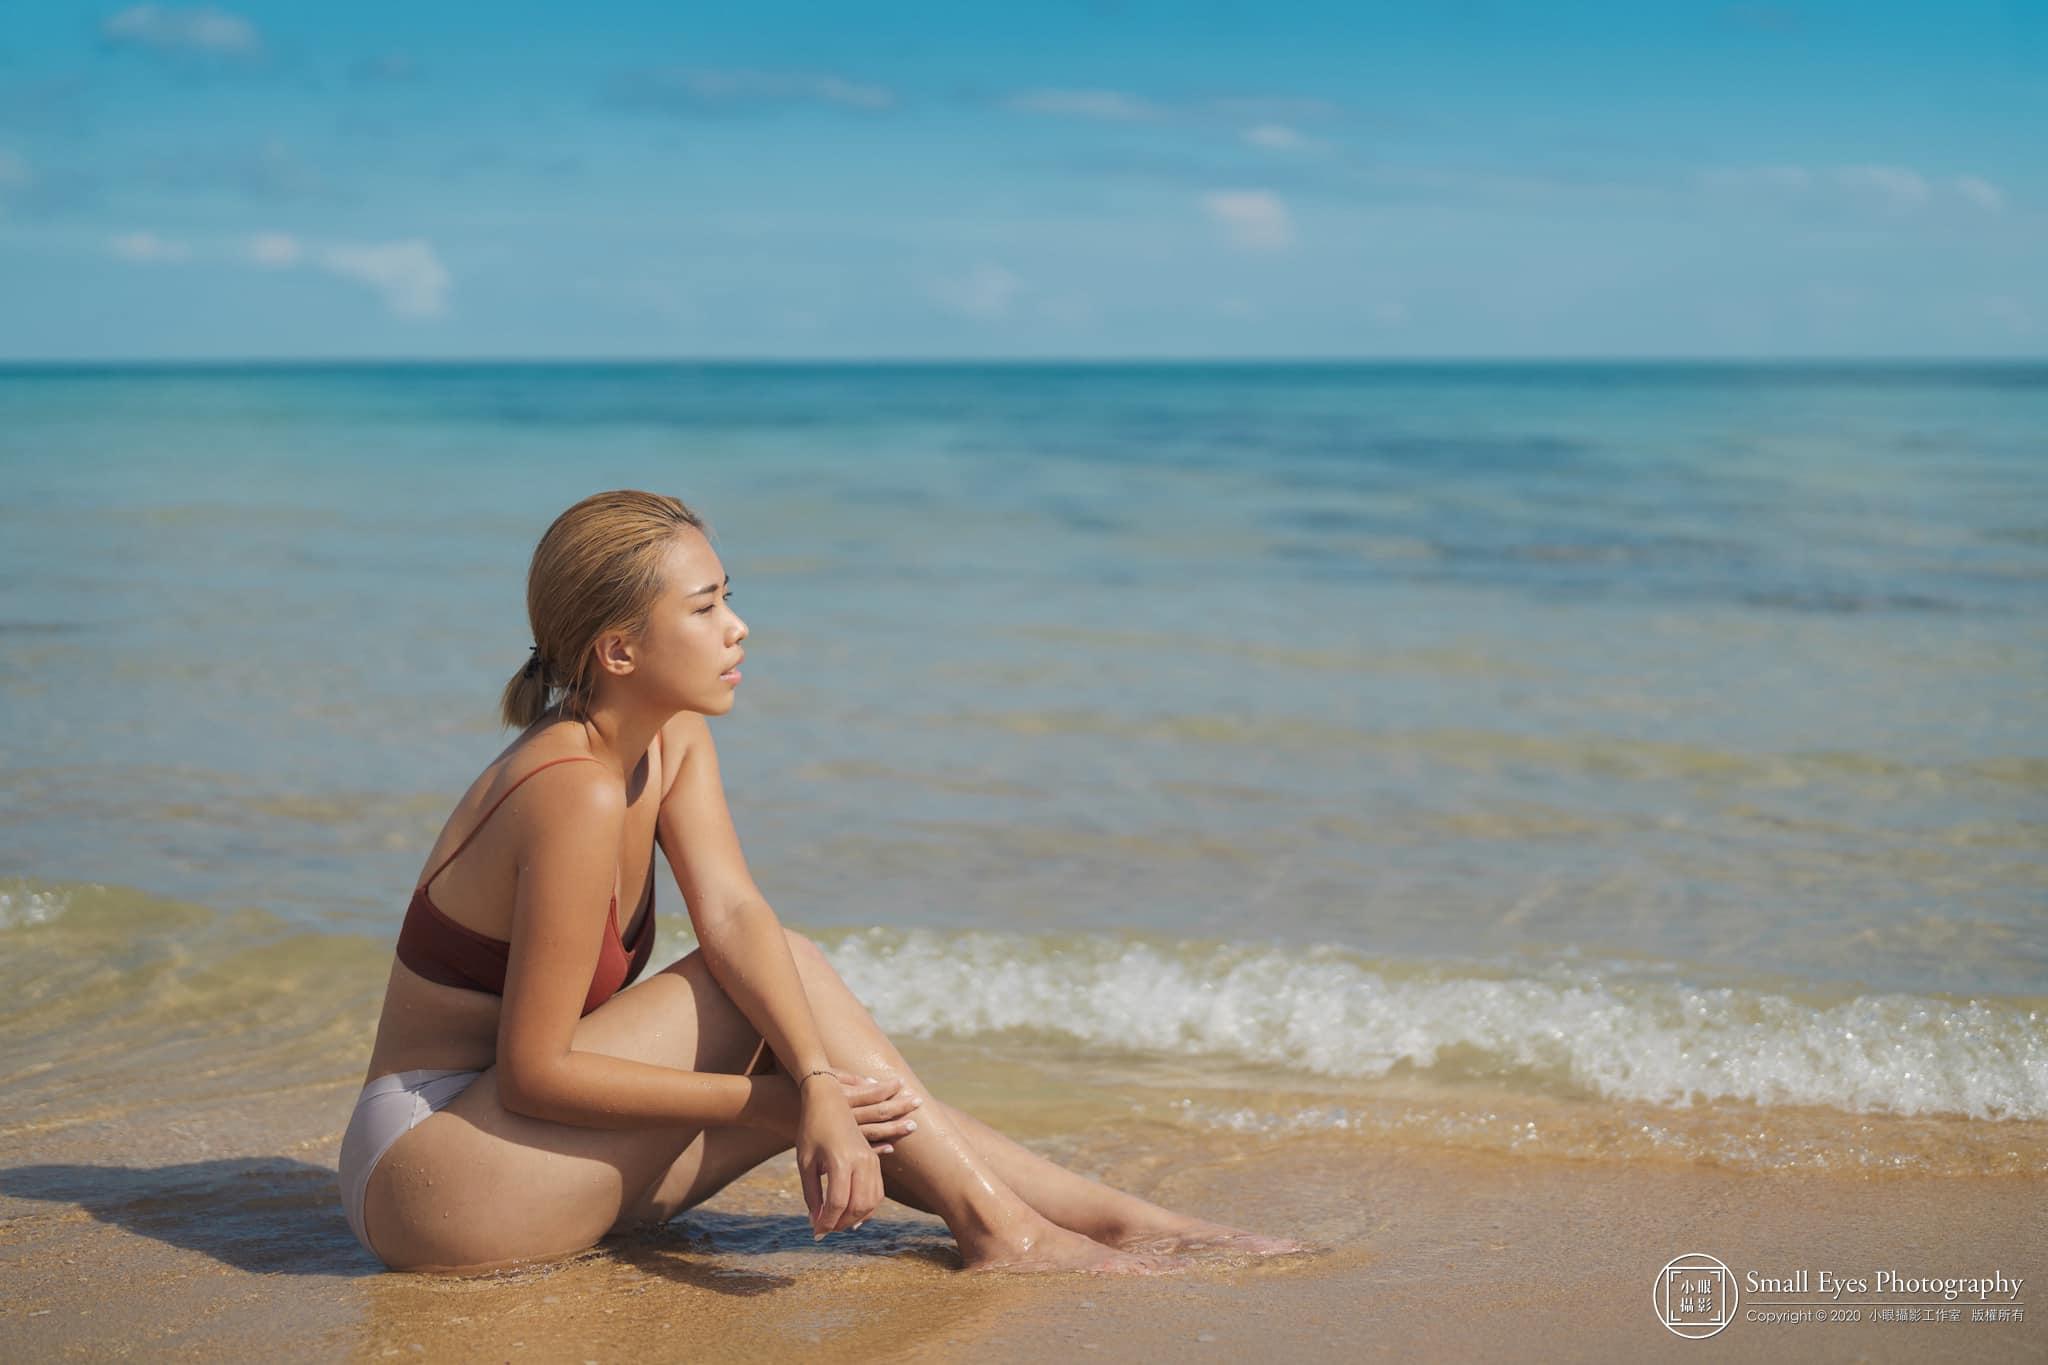 人像‧寫真,小眼攝影,形象寫真,個人寫真,性感寫真,正成集團,Sony,A1,50F12GM,澎湖,隘門沙灘,新秘瓜瓜